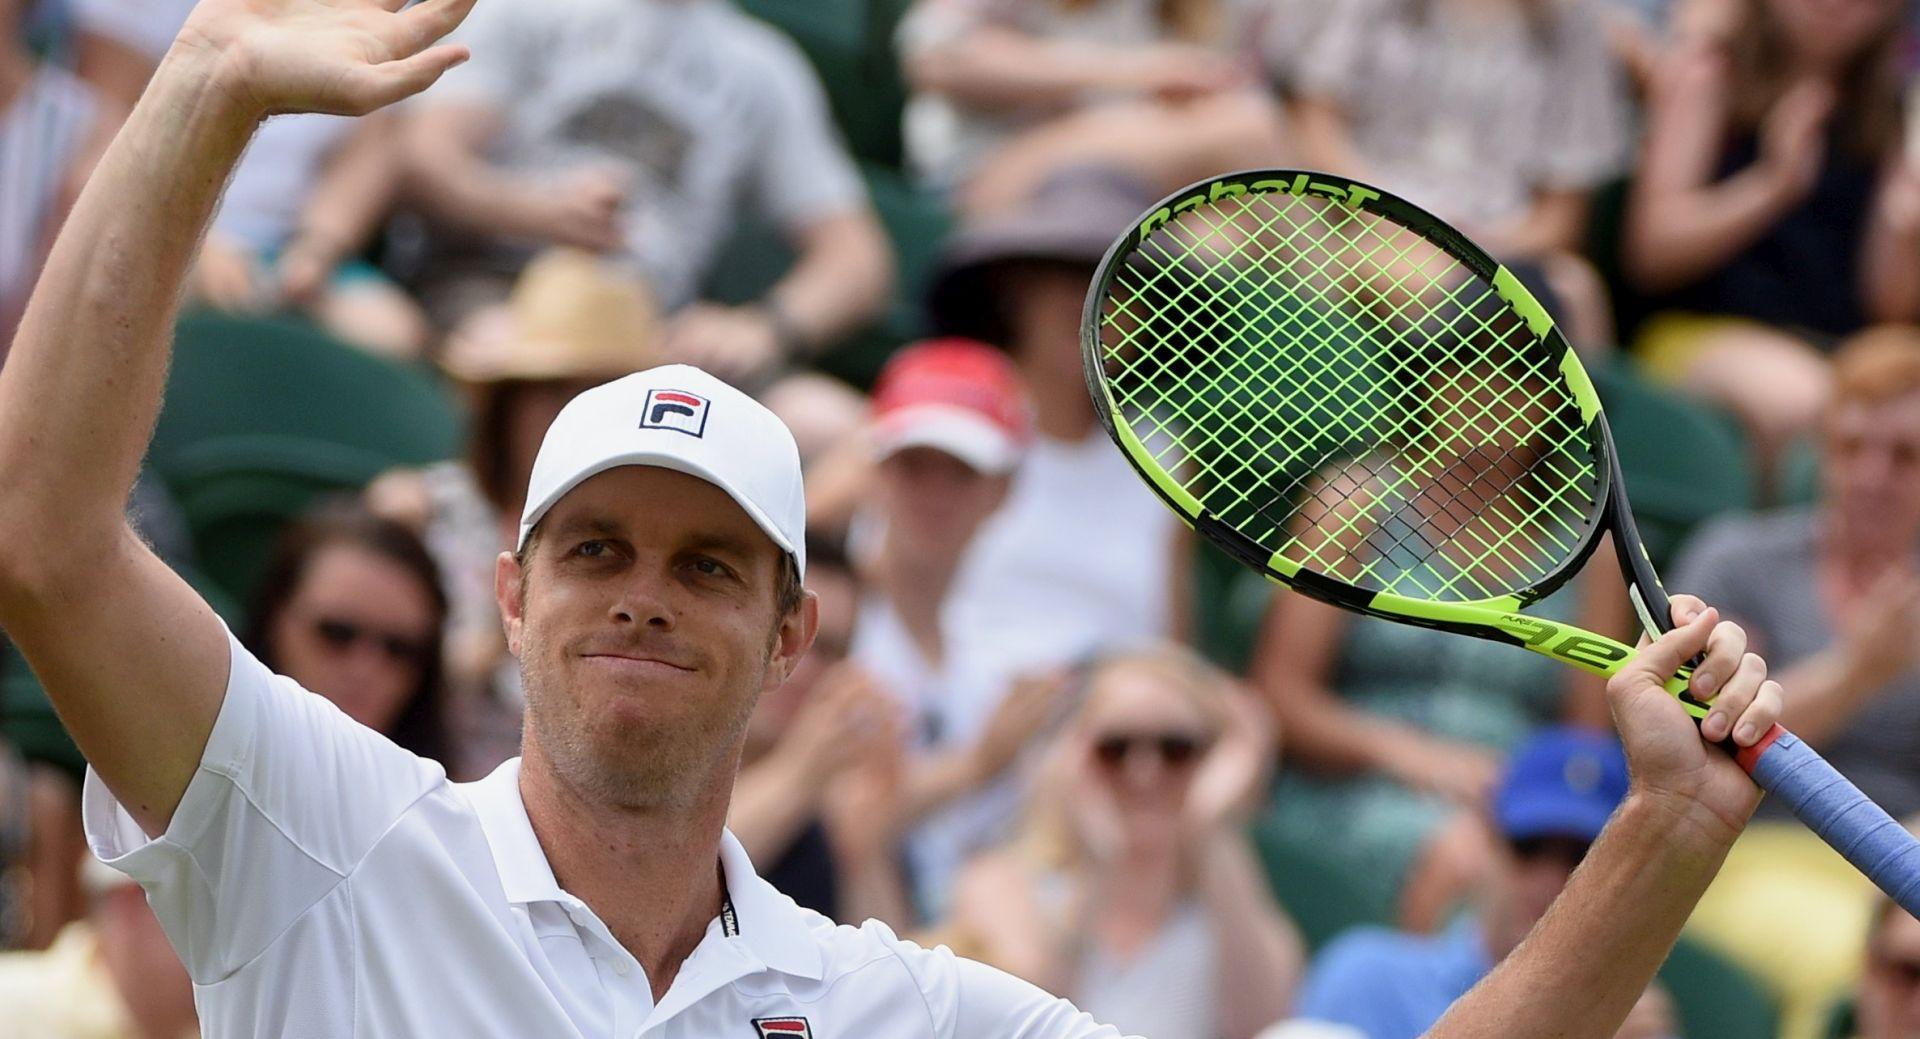 WIMBLEDON Querrey šokirao Murrayja za prvo polufinale Grand slama u karijeri